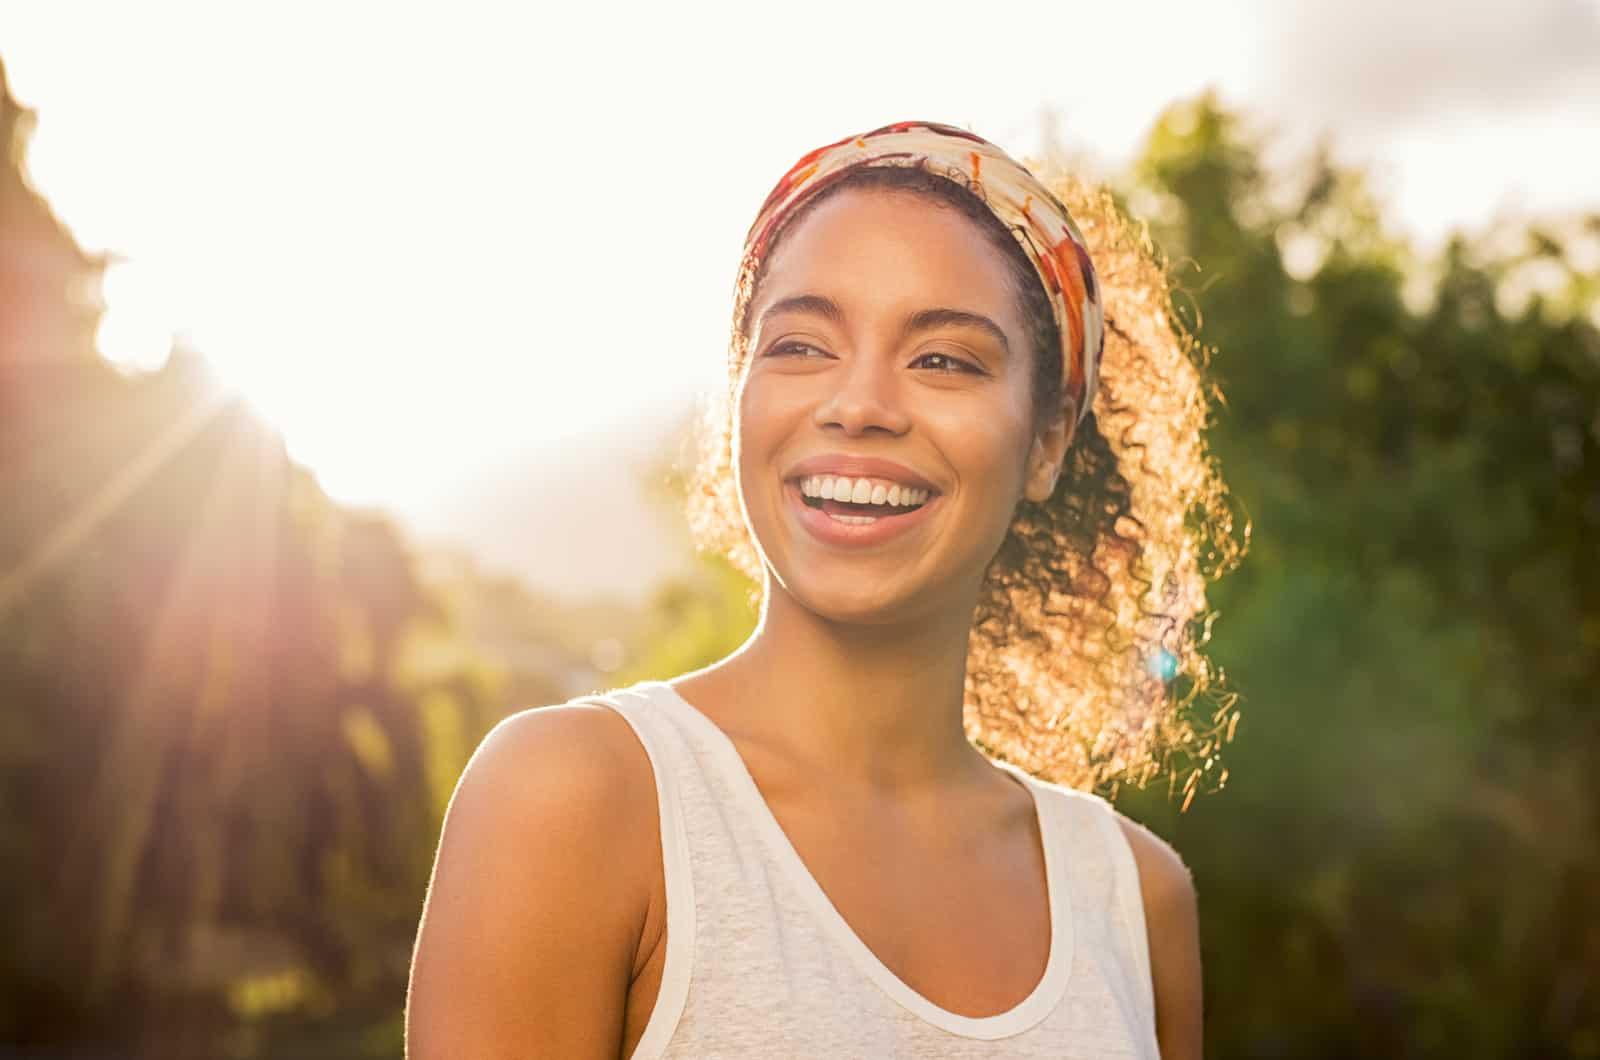 junge schöne Frau, die mit Sonnenuntergang im Hintergrund lächelt